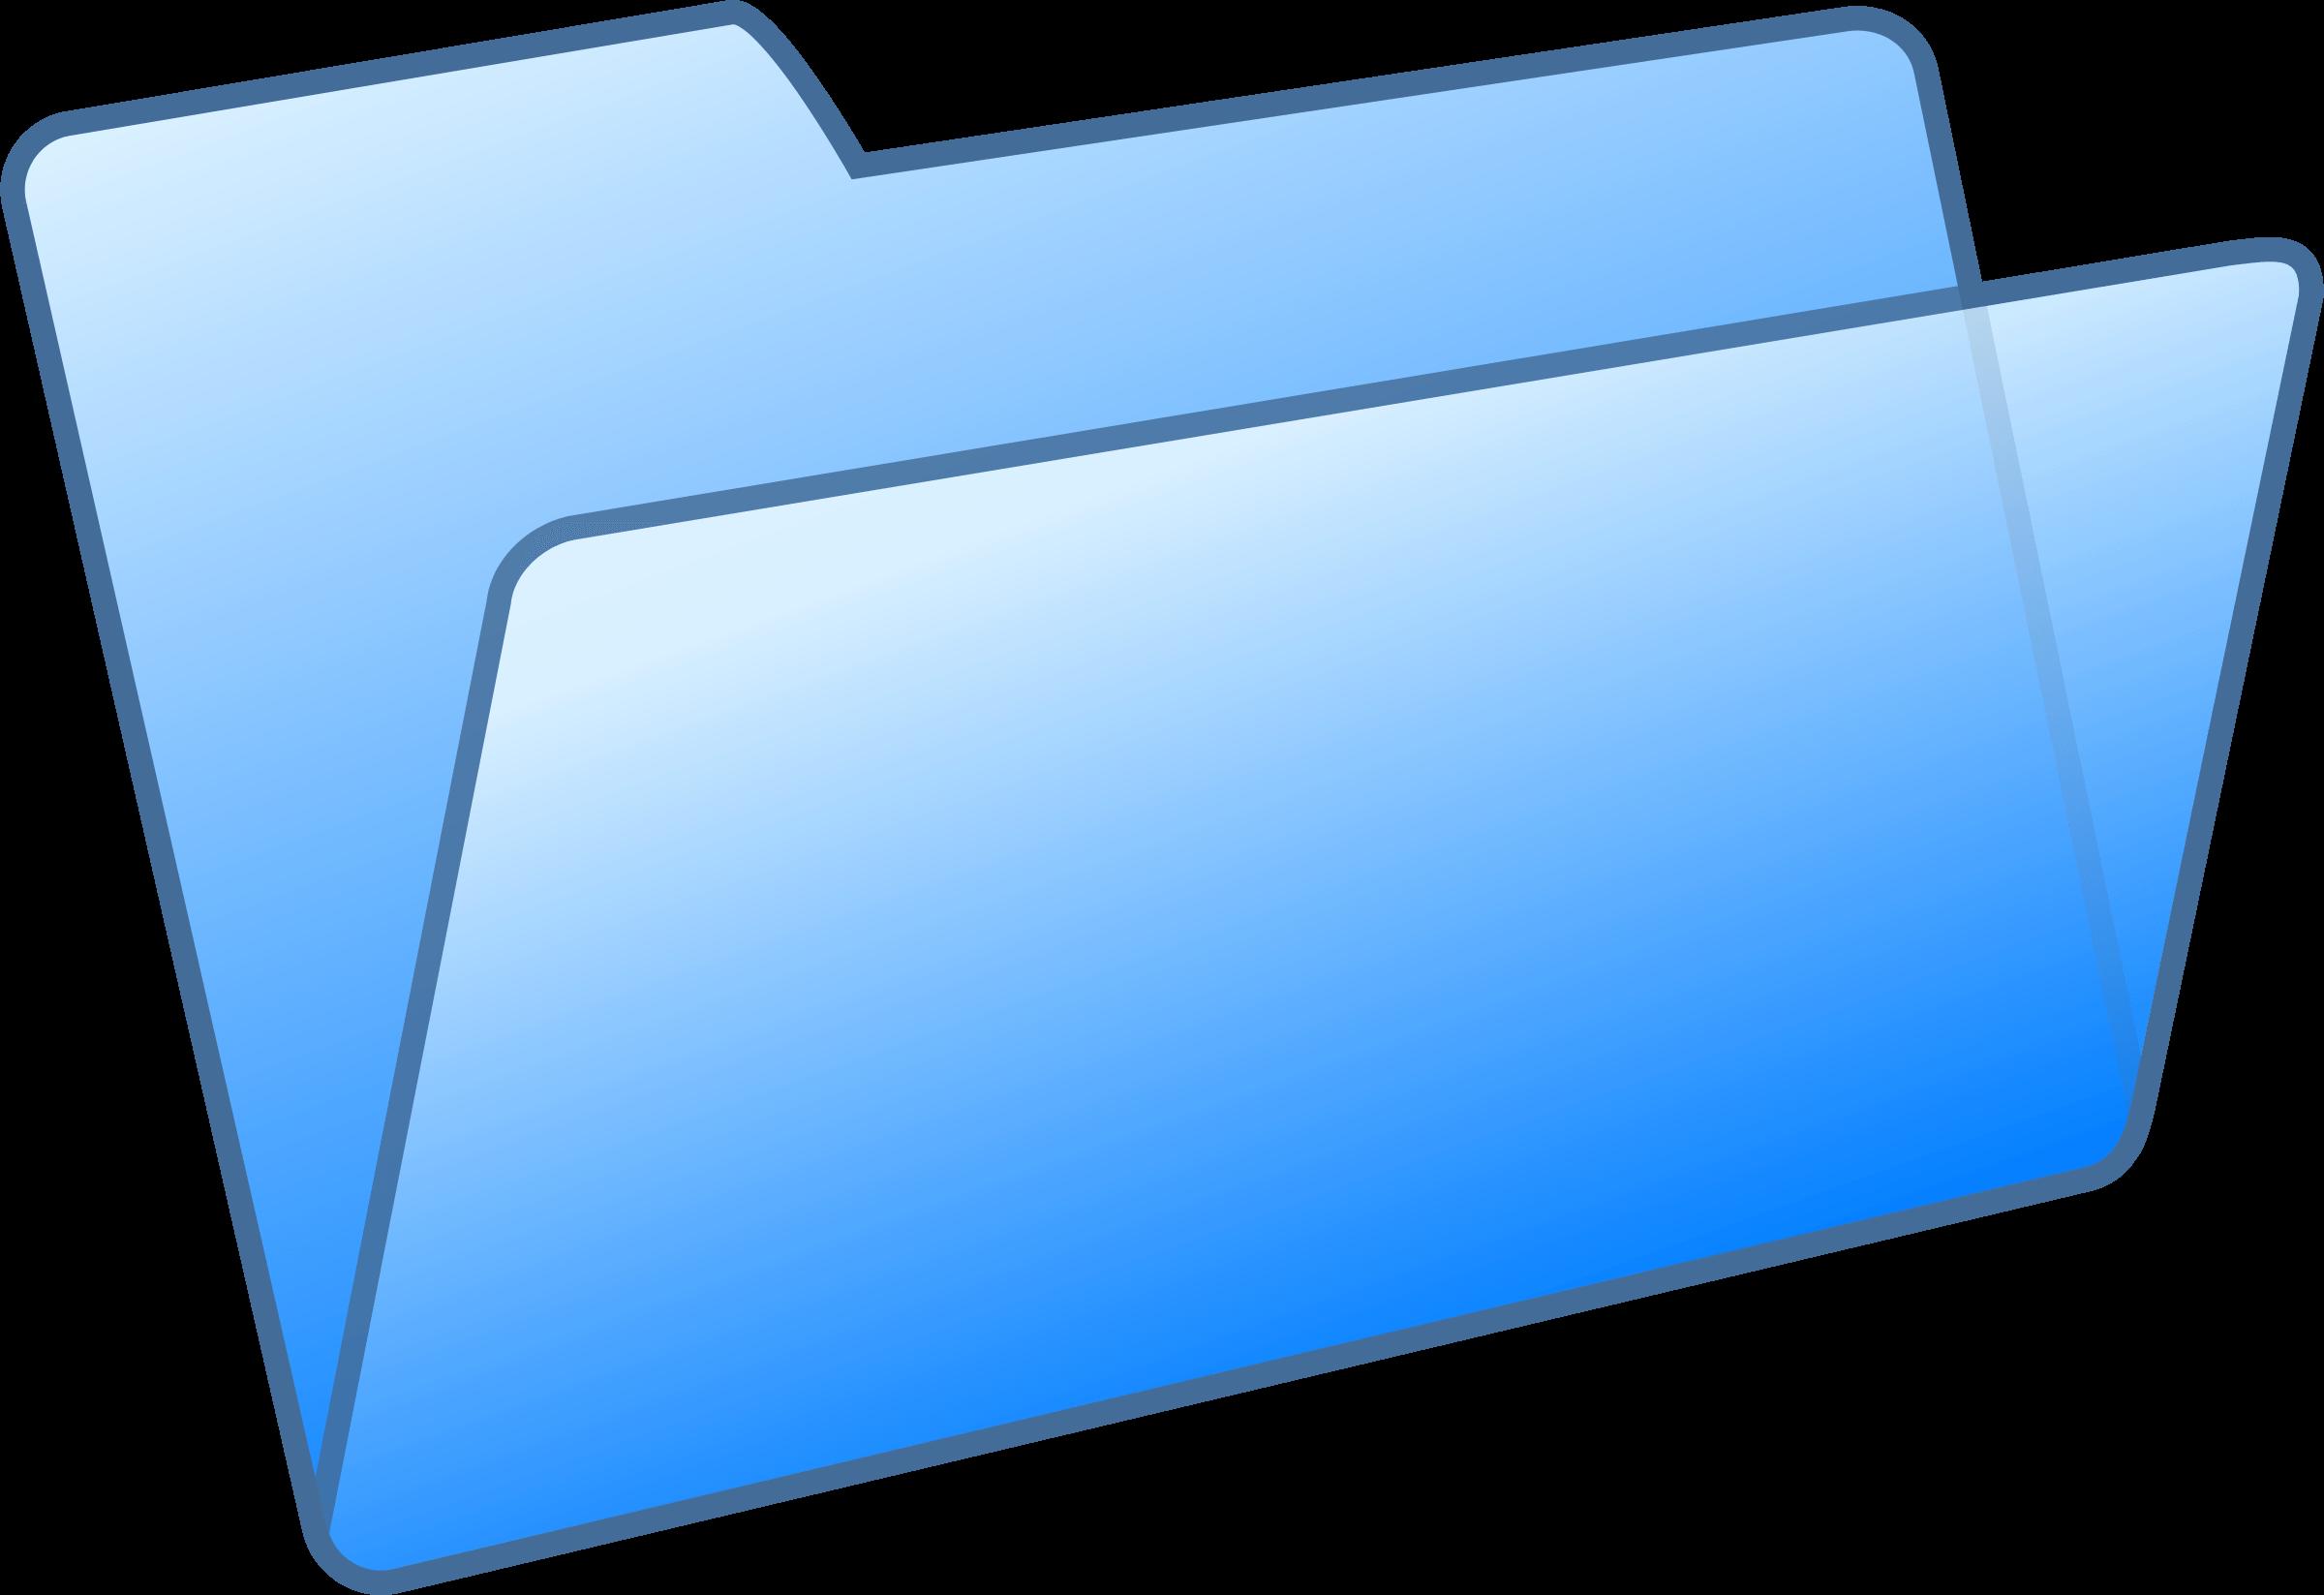 Blue Open Folder Dropbox Transparent Png Stickpng